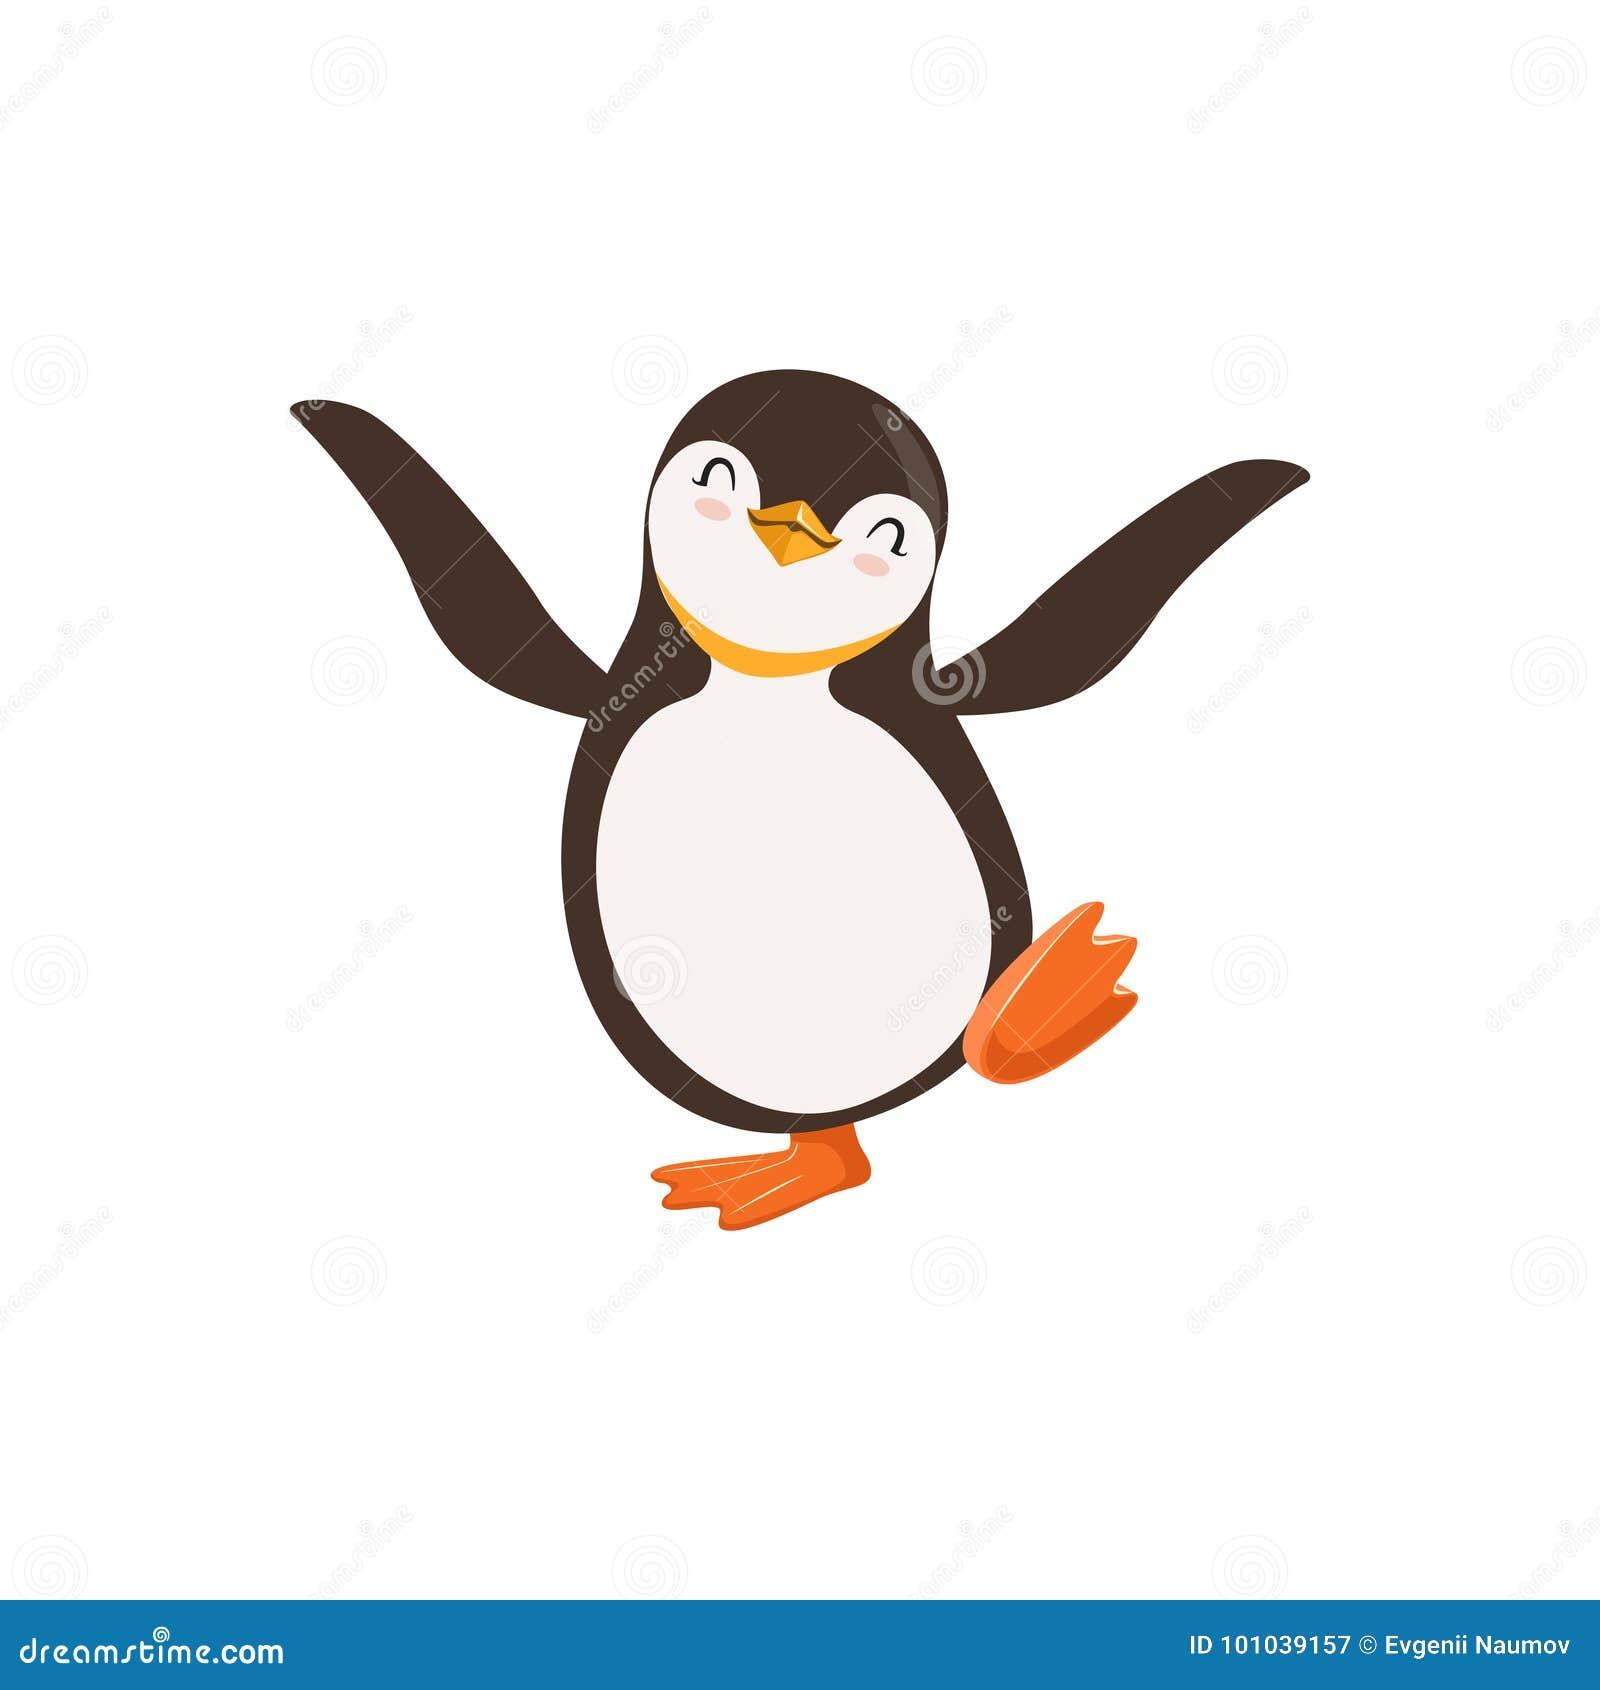 Netter Vektor schlossen glückliche Pinguin-Toon Character Dancing With Its-Augen auf einem weißen Hintergrund